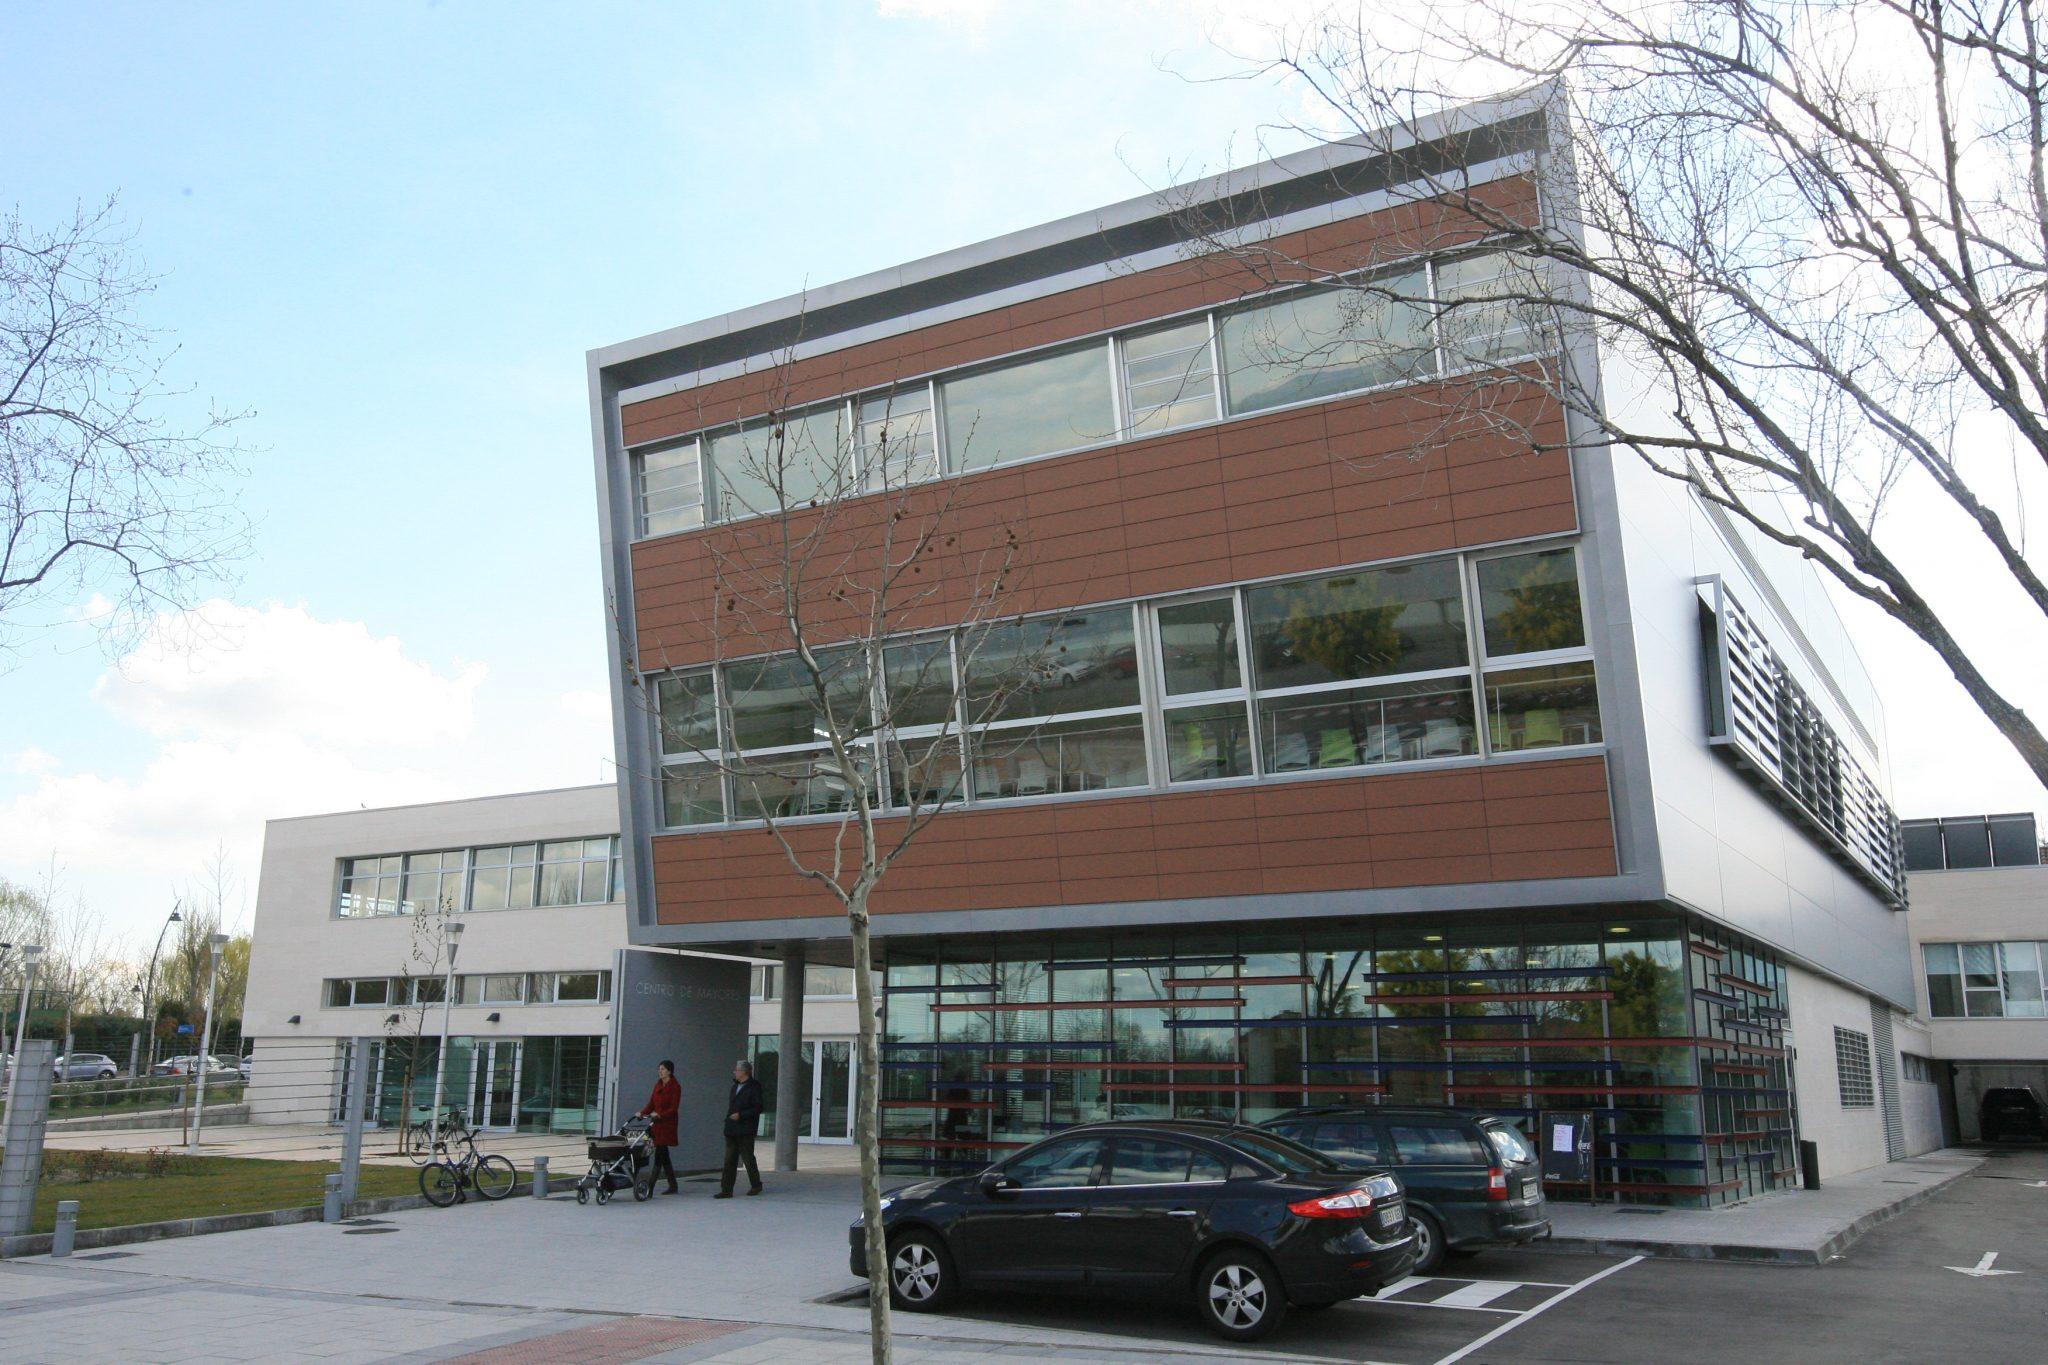 El Ayuntamiento continúa renovando su red WiFi, modernizando las conexiones de acceso público en los edificios municipales